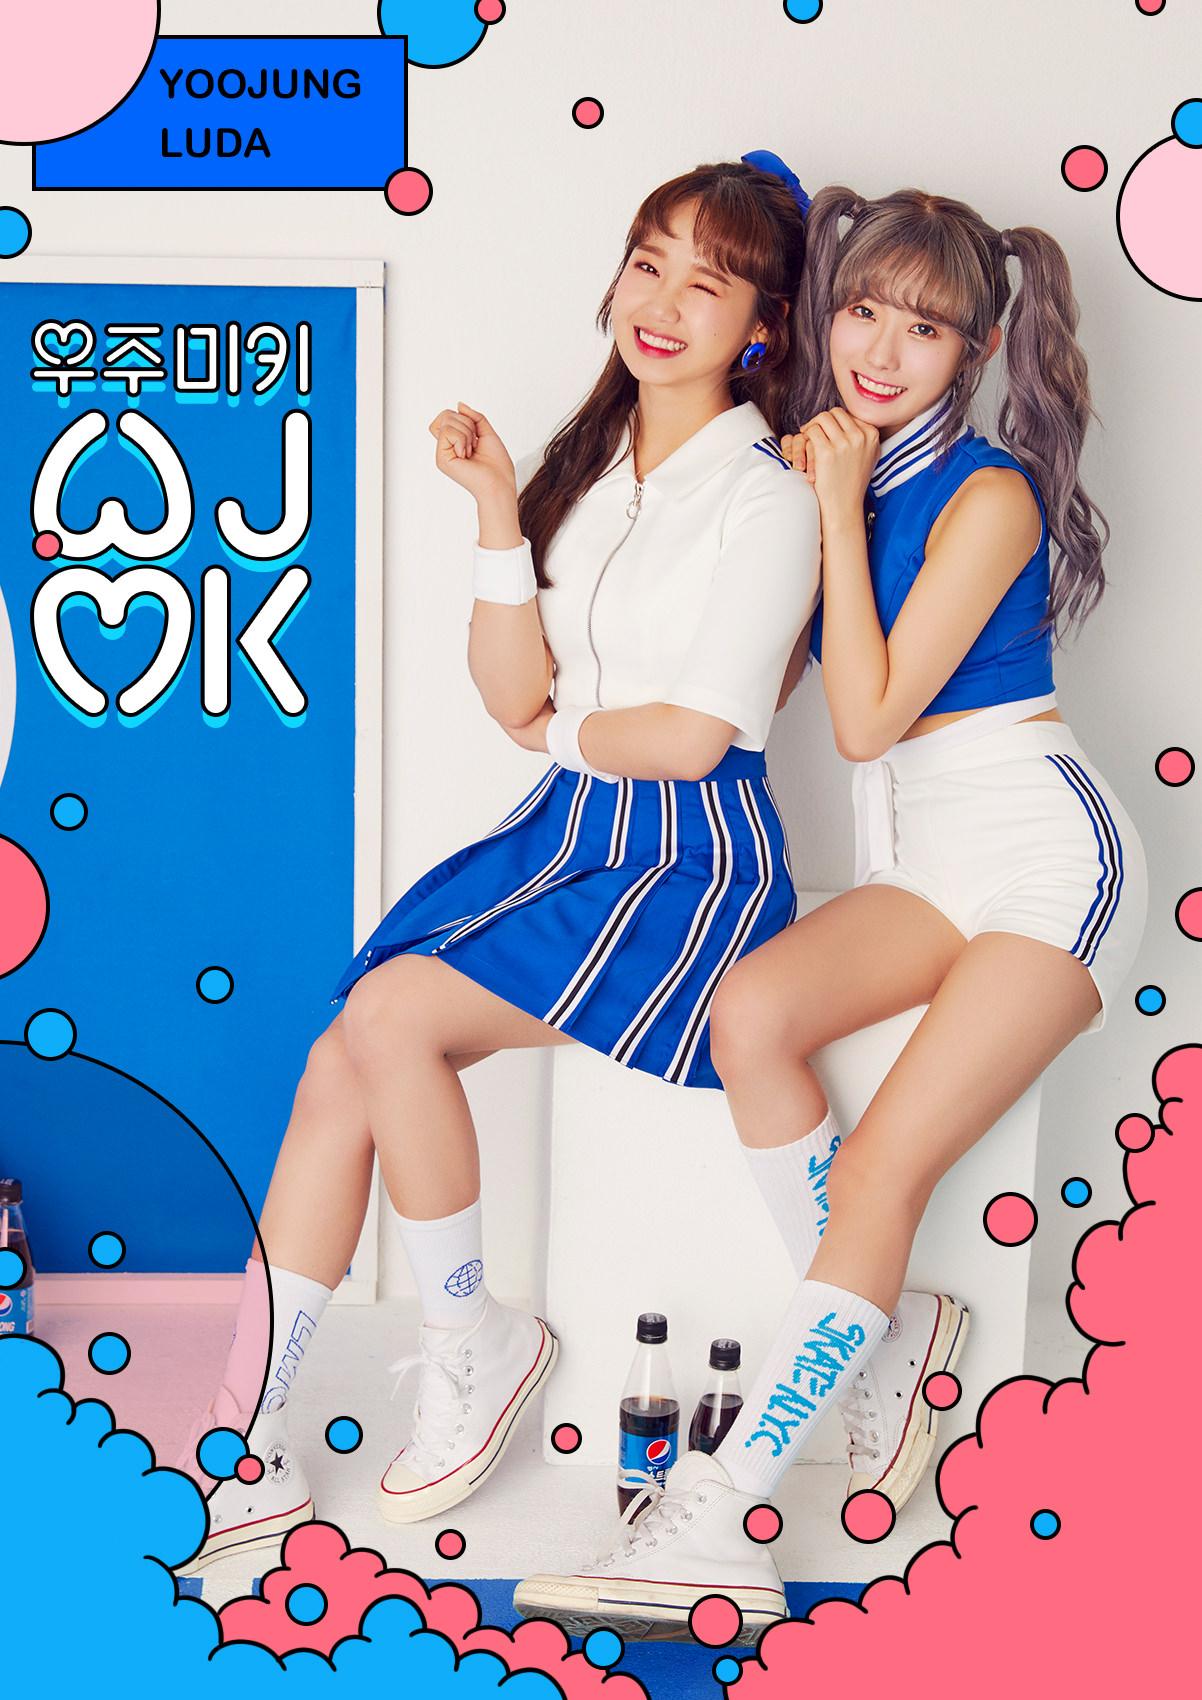 우주미키 루다X유정, 비글미+러블리 매력 발산! 'BLUE' 화보 깜짝 공개